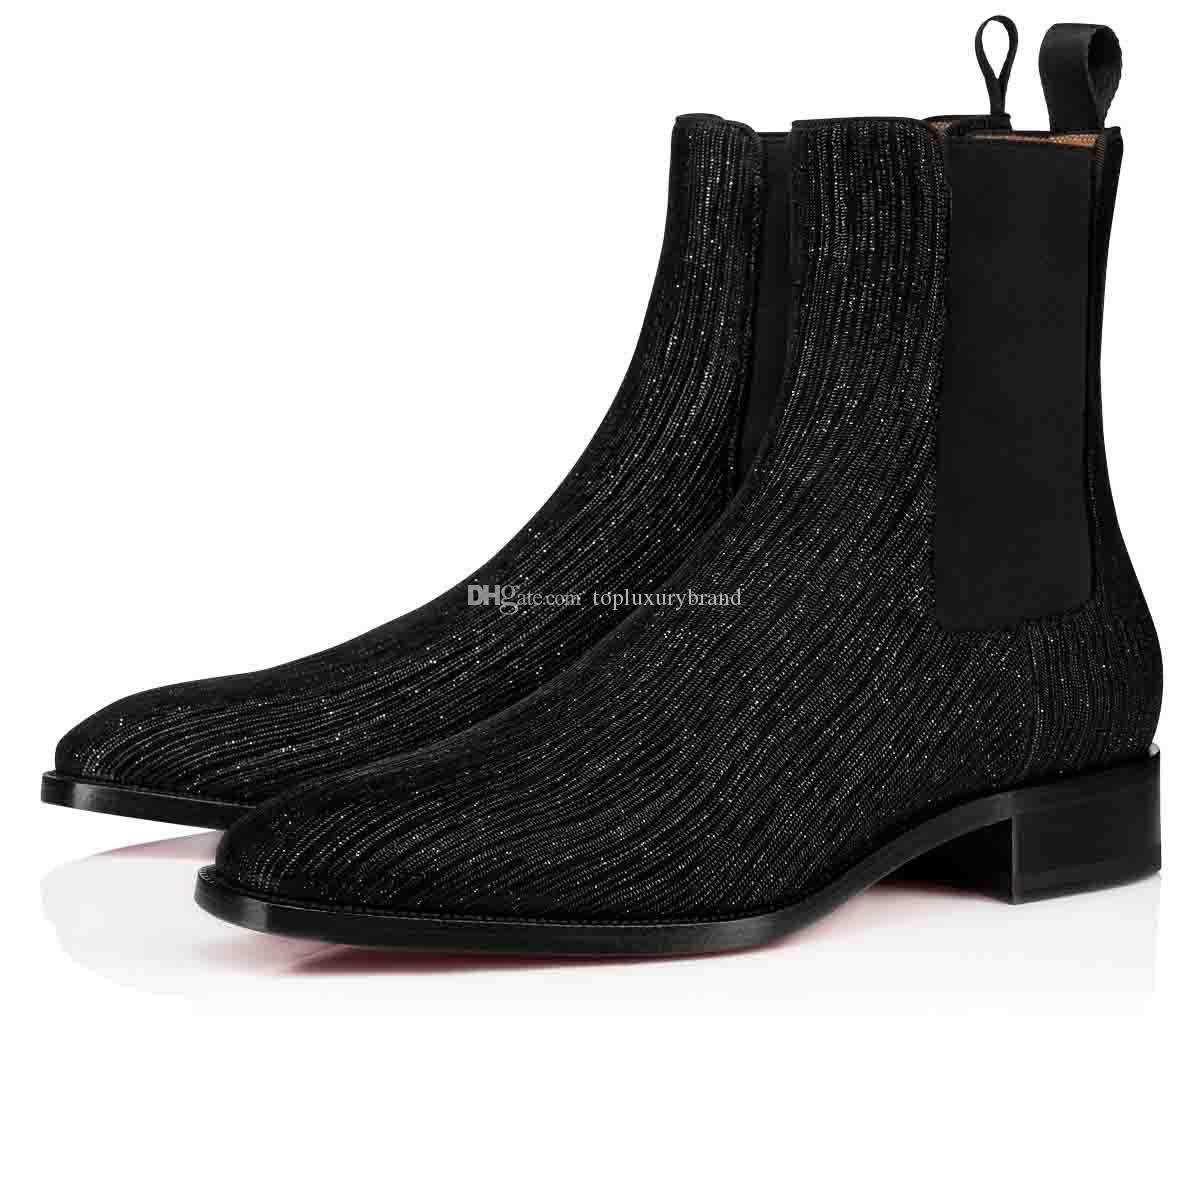 2019 خريف شتاء رجالية أحذية ماركة المصممين الأحمر أسفل الكاحل الحذاء شمشون Orlato الرجال فستان الزفاف الشقق أحذية جلدية منتصف أحذية سوبر التأهيلية